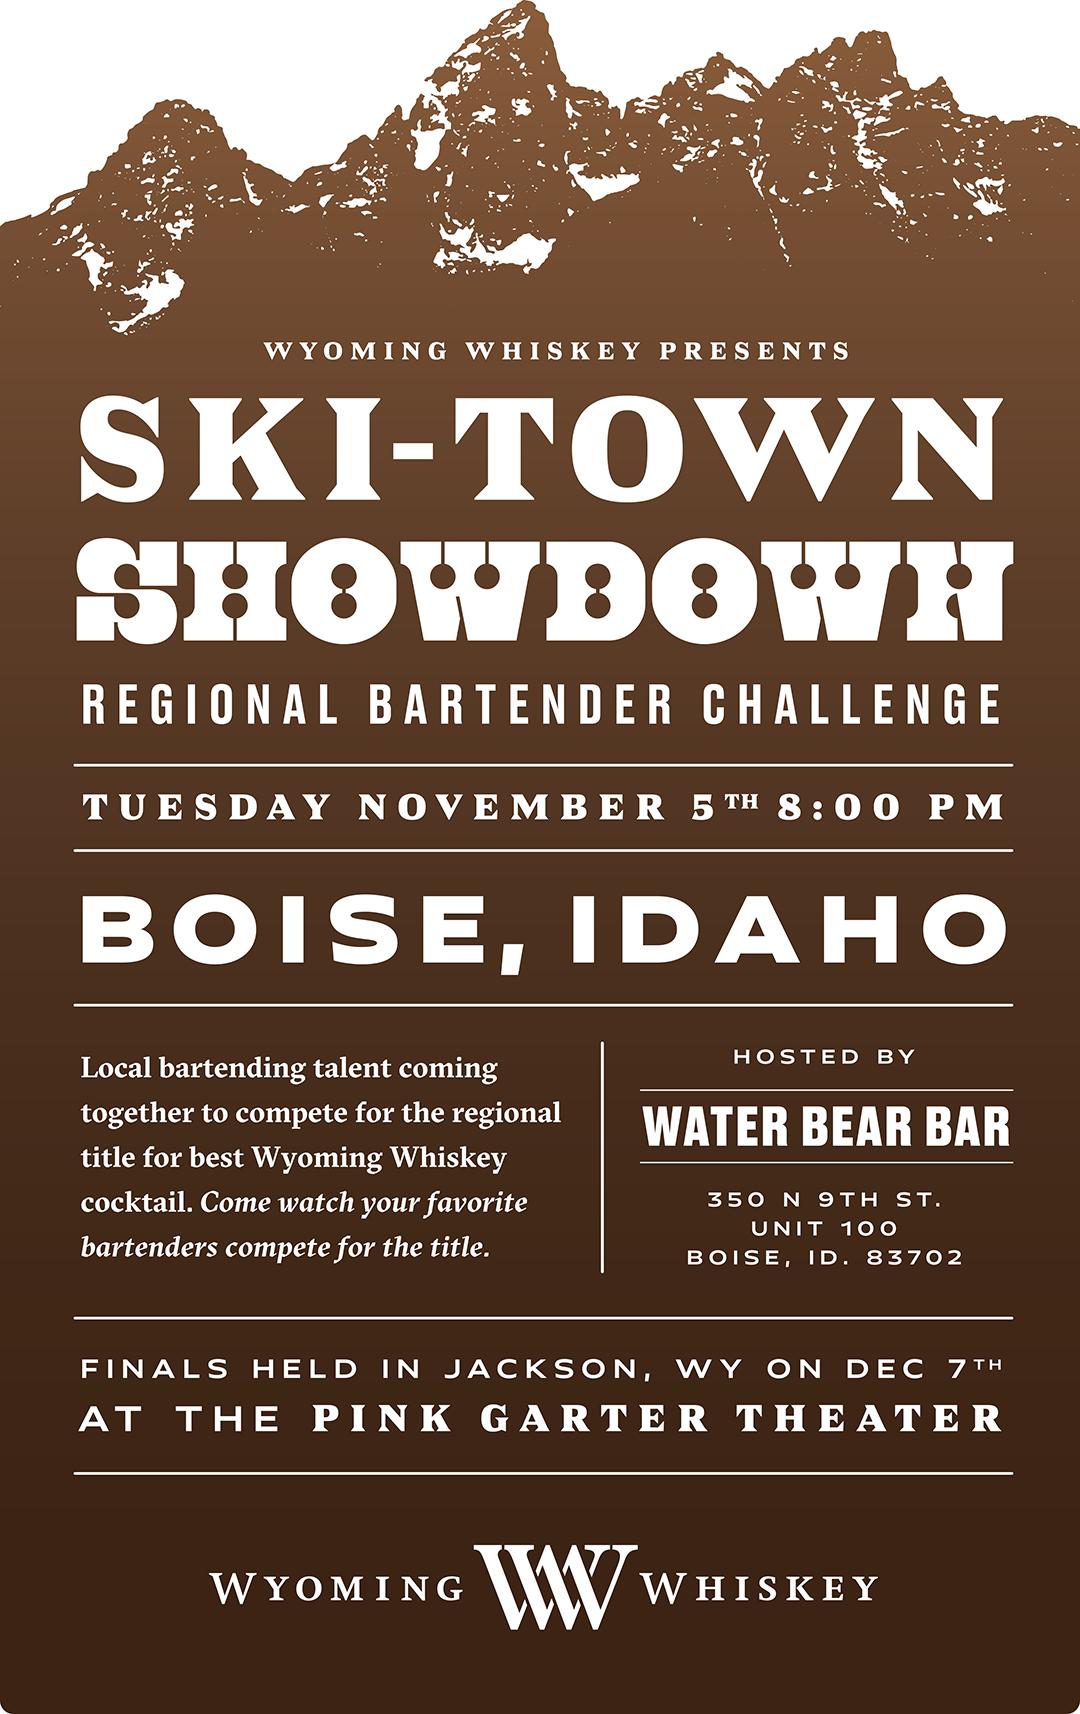 SkiTownShowdown2019_WyomingWhiskey_WaterBearBar.png